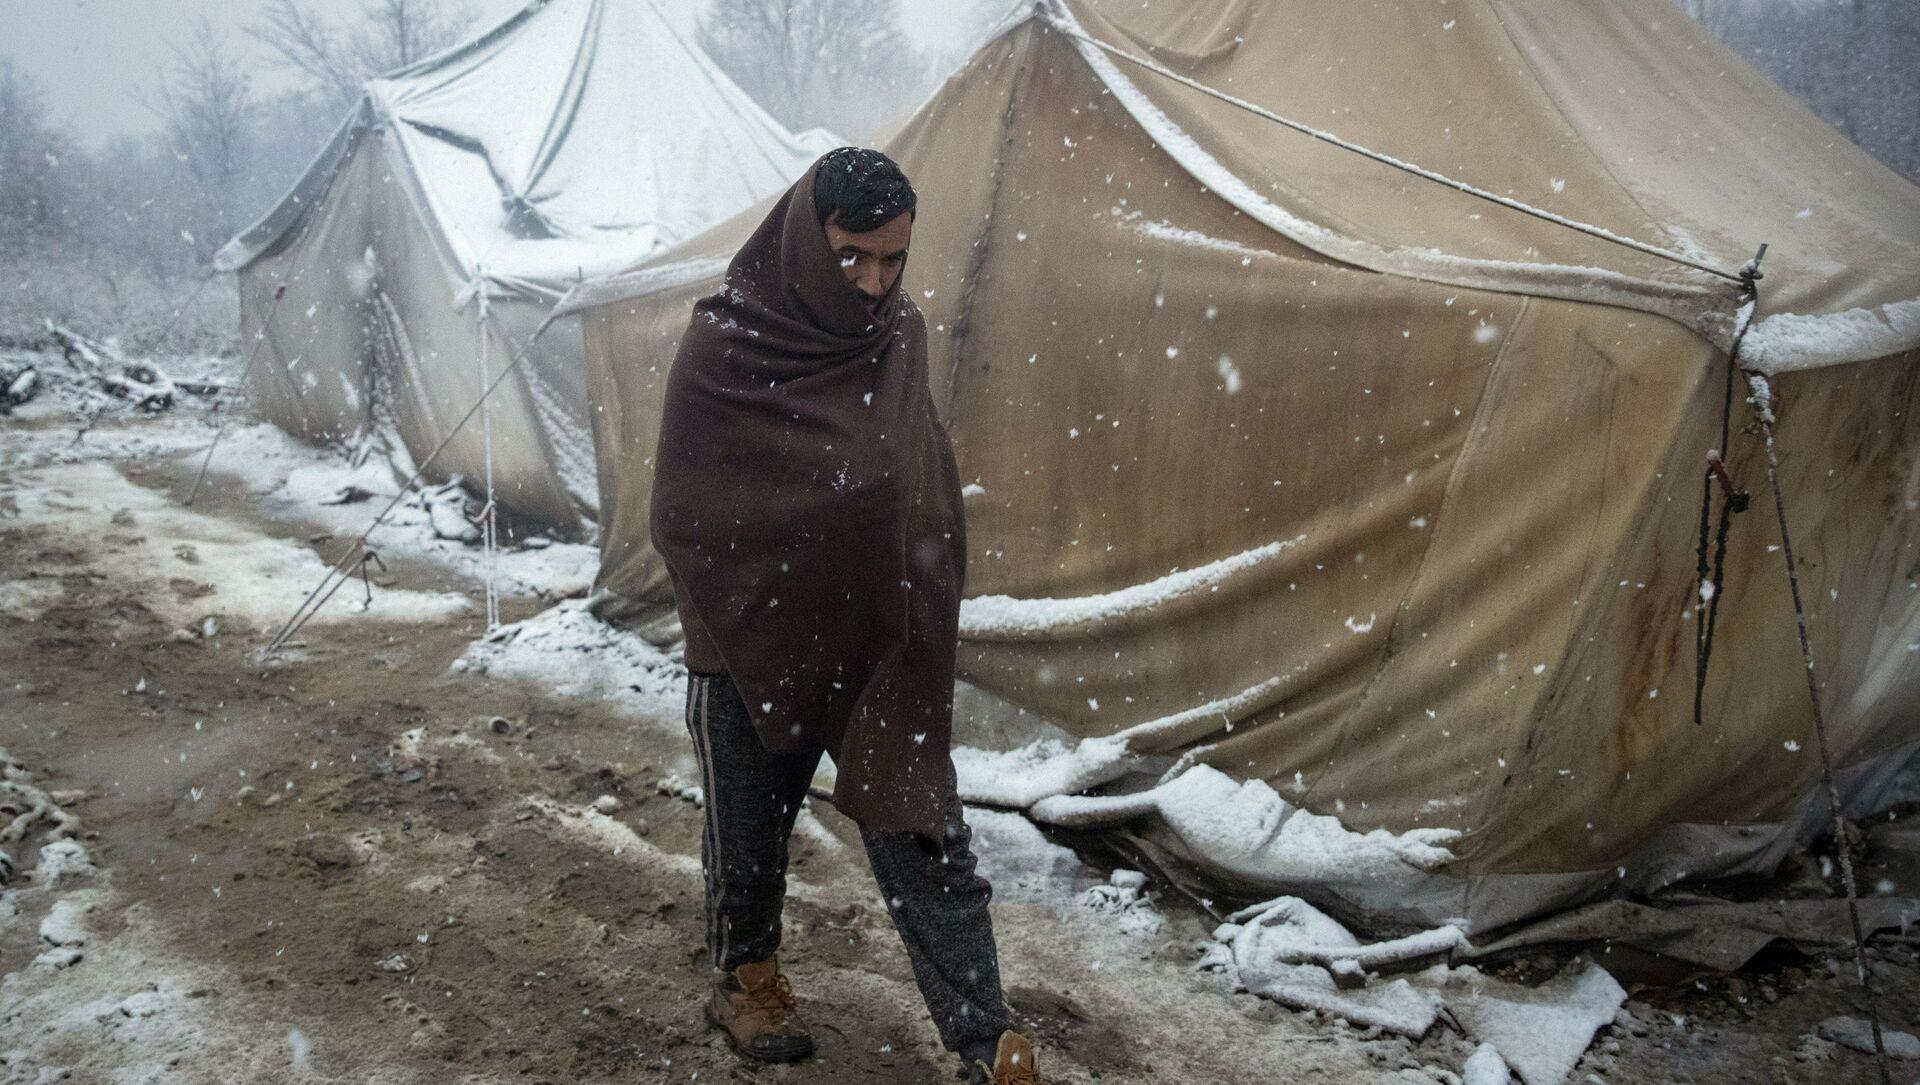 Беженец, идущий по лагерю в Боснии - Sputnik Italia, 1920, 01.02.2021